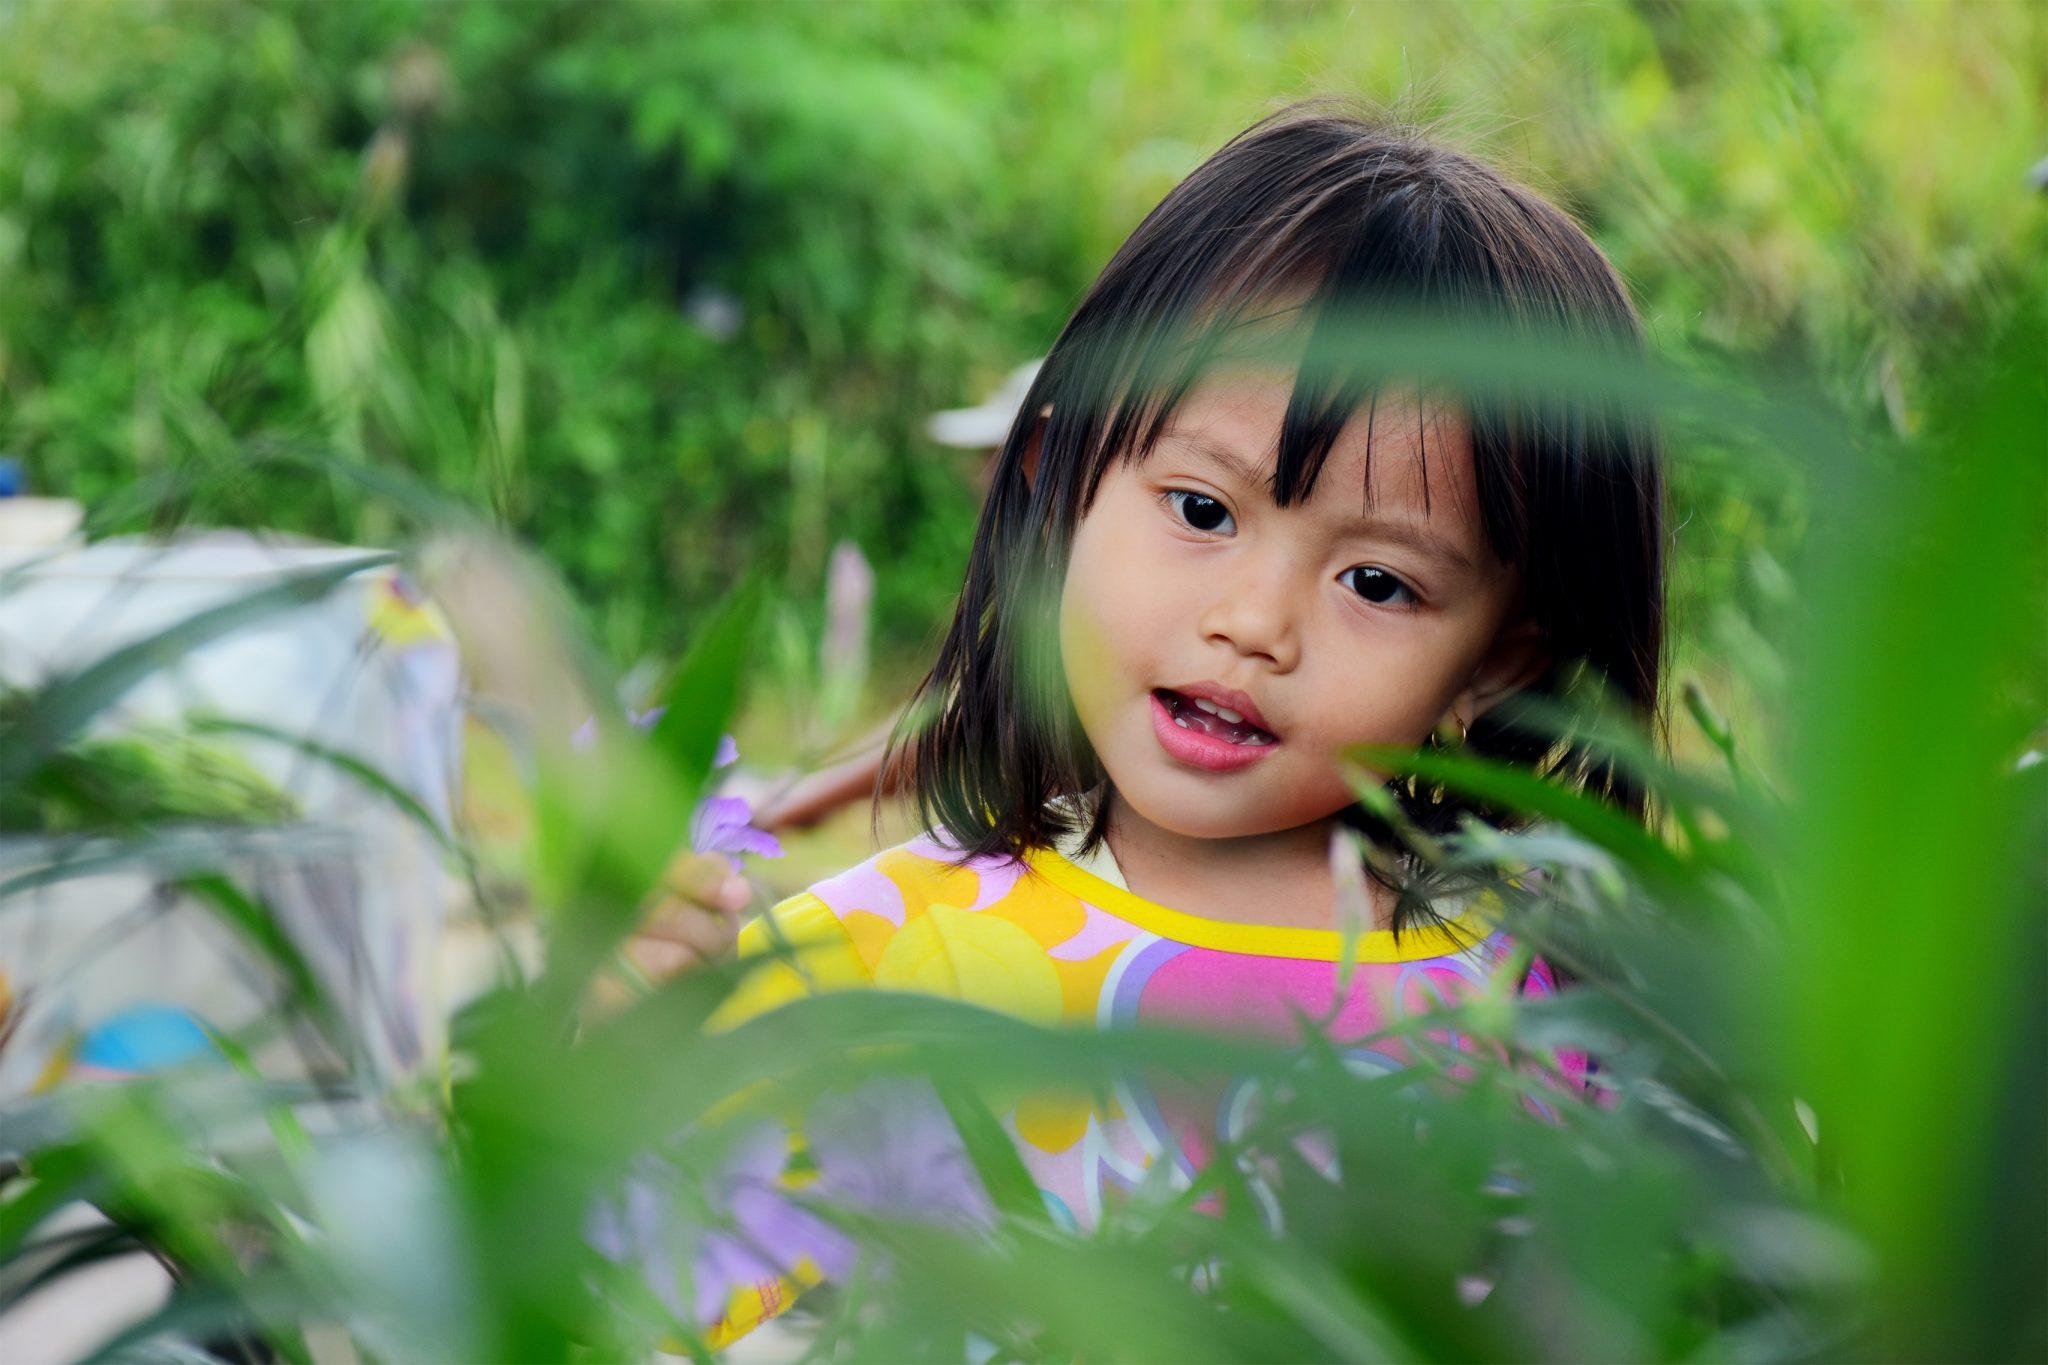 Menina de cabelos pretos e lisos entre folhas segurando uma florzinha roxa.